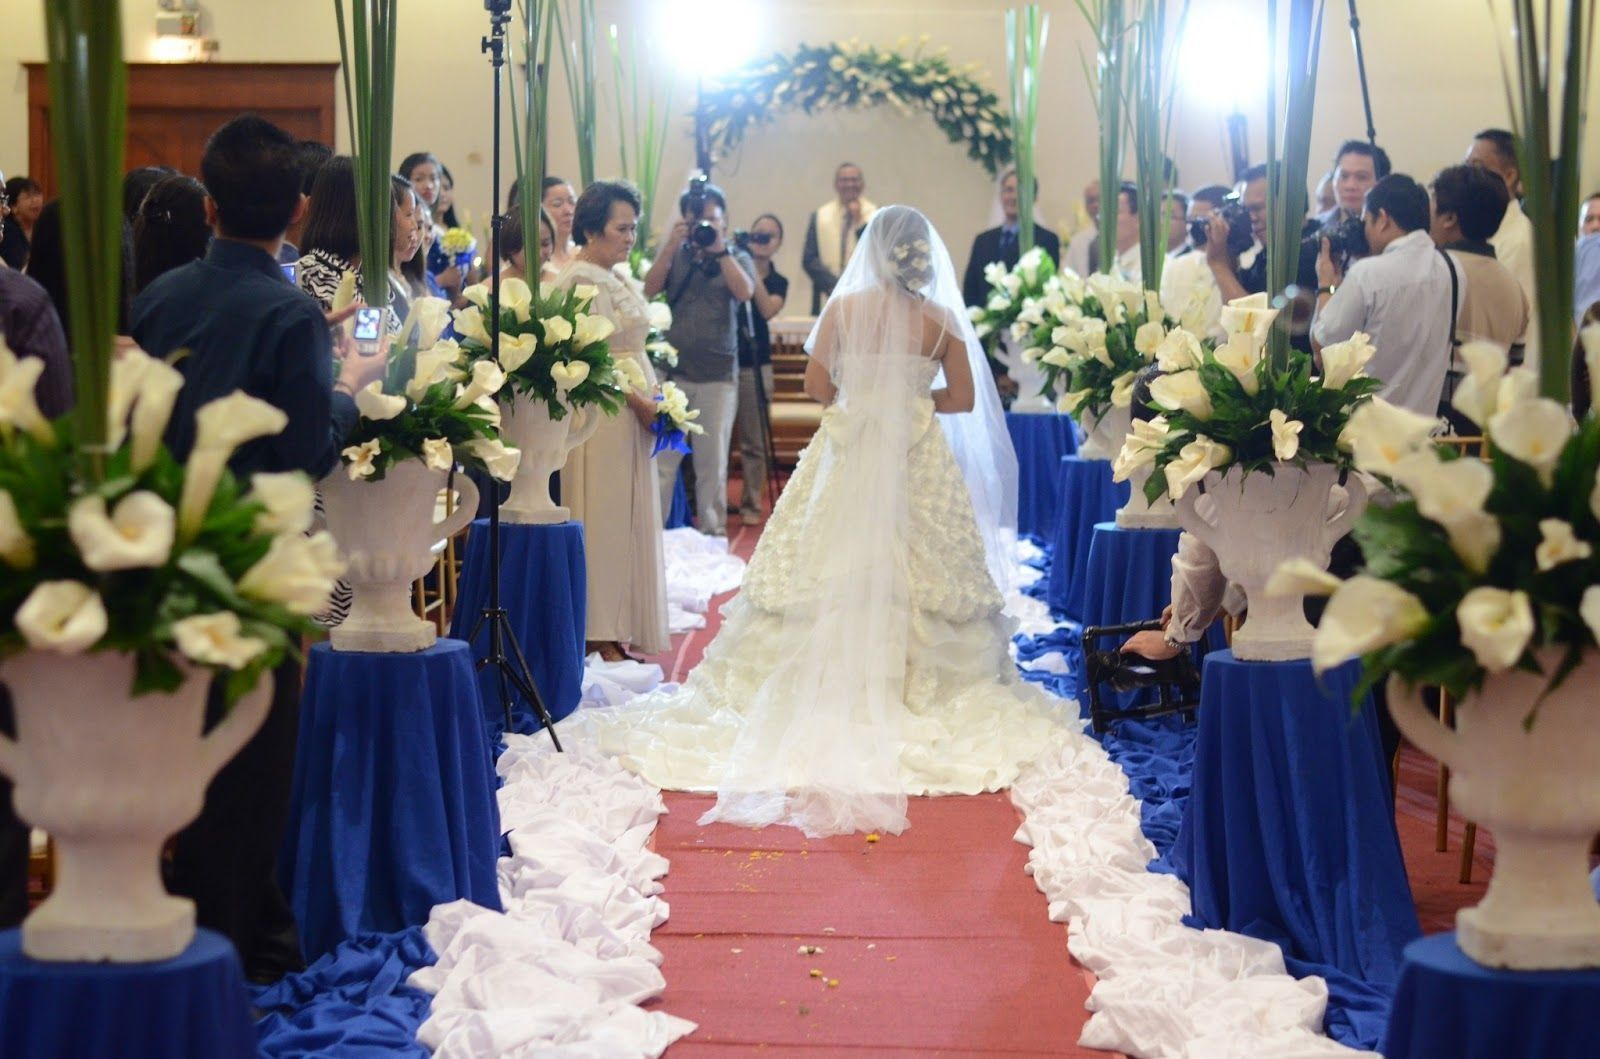 Wedding Decorations Ideas For Church Addicfashion